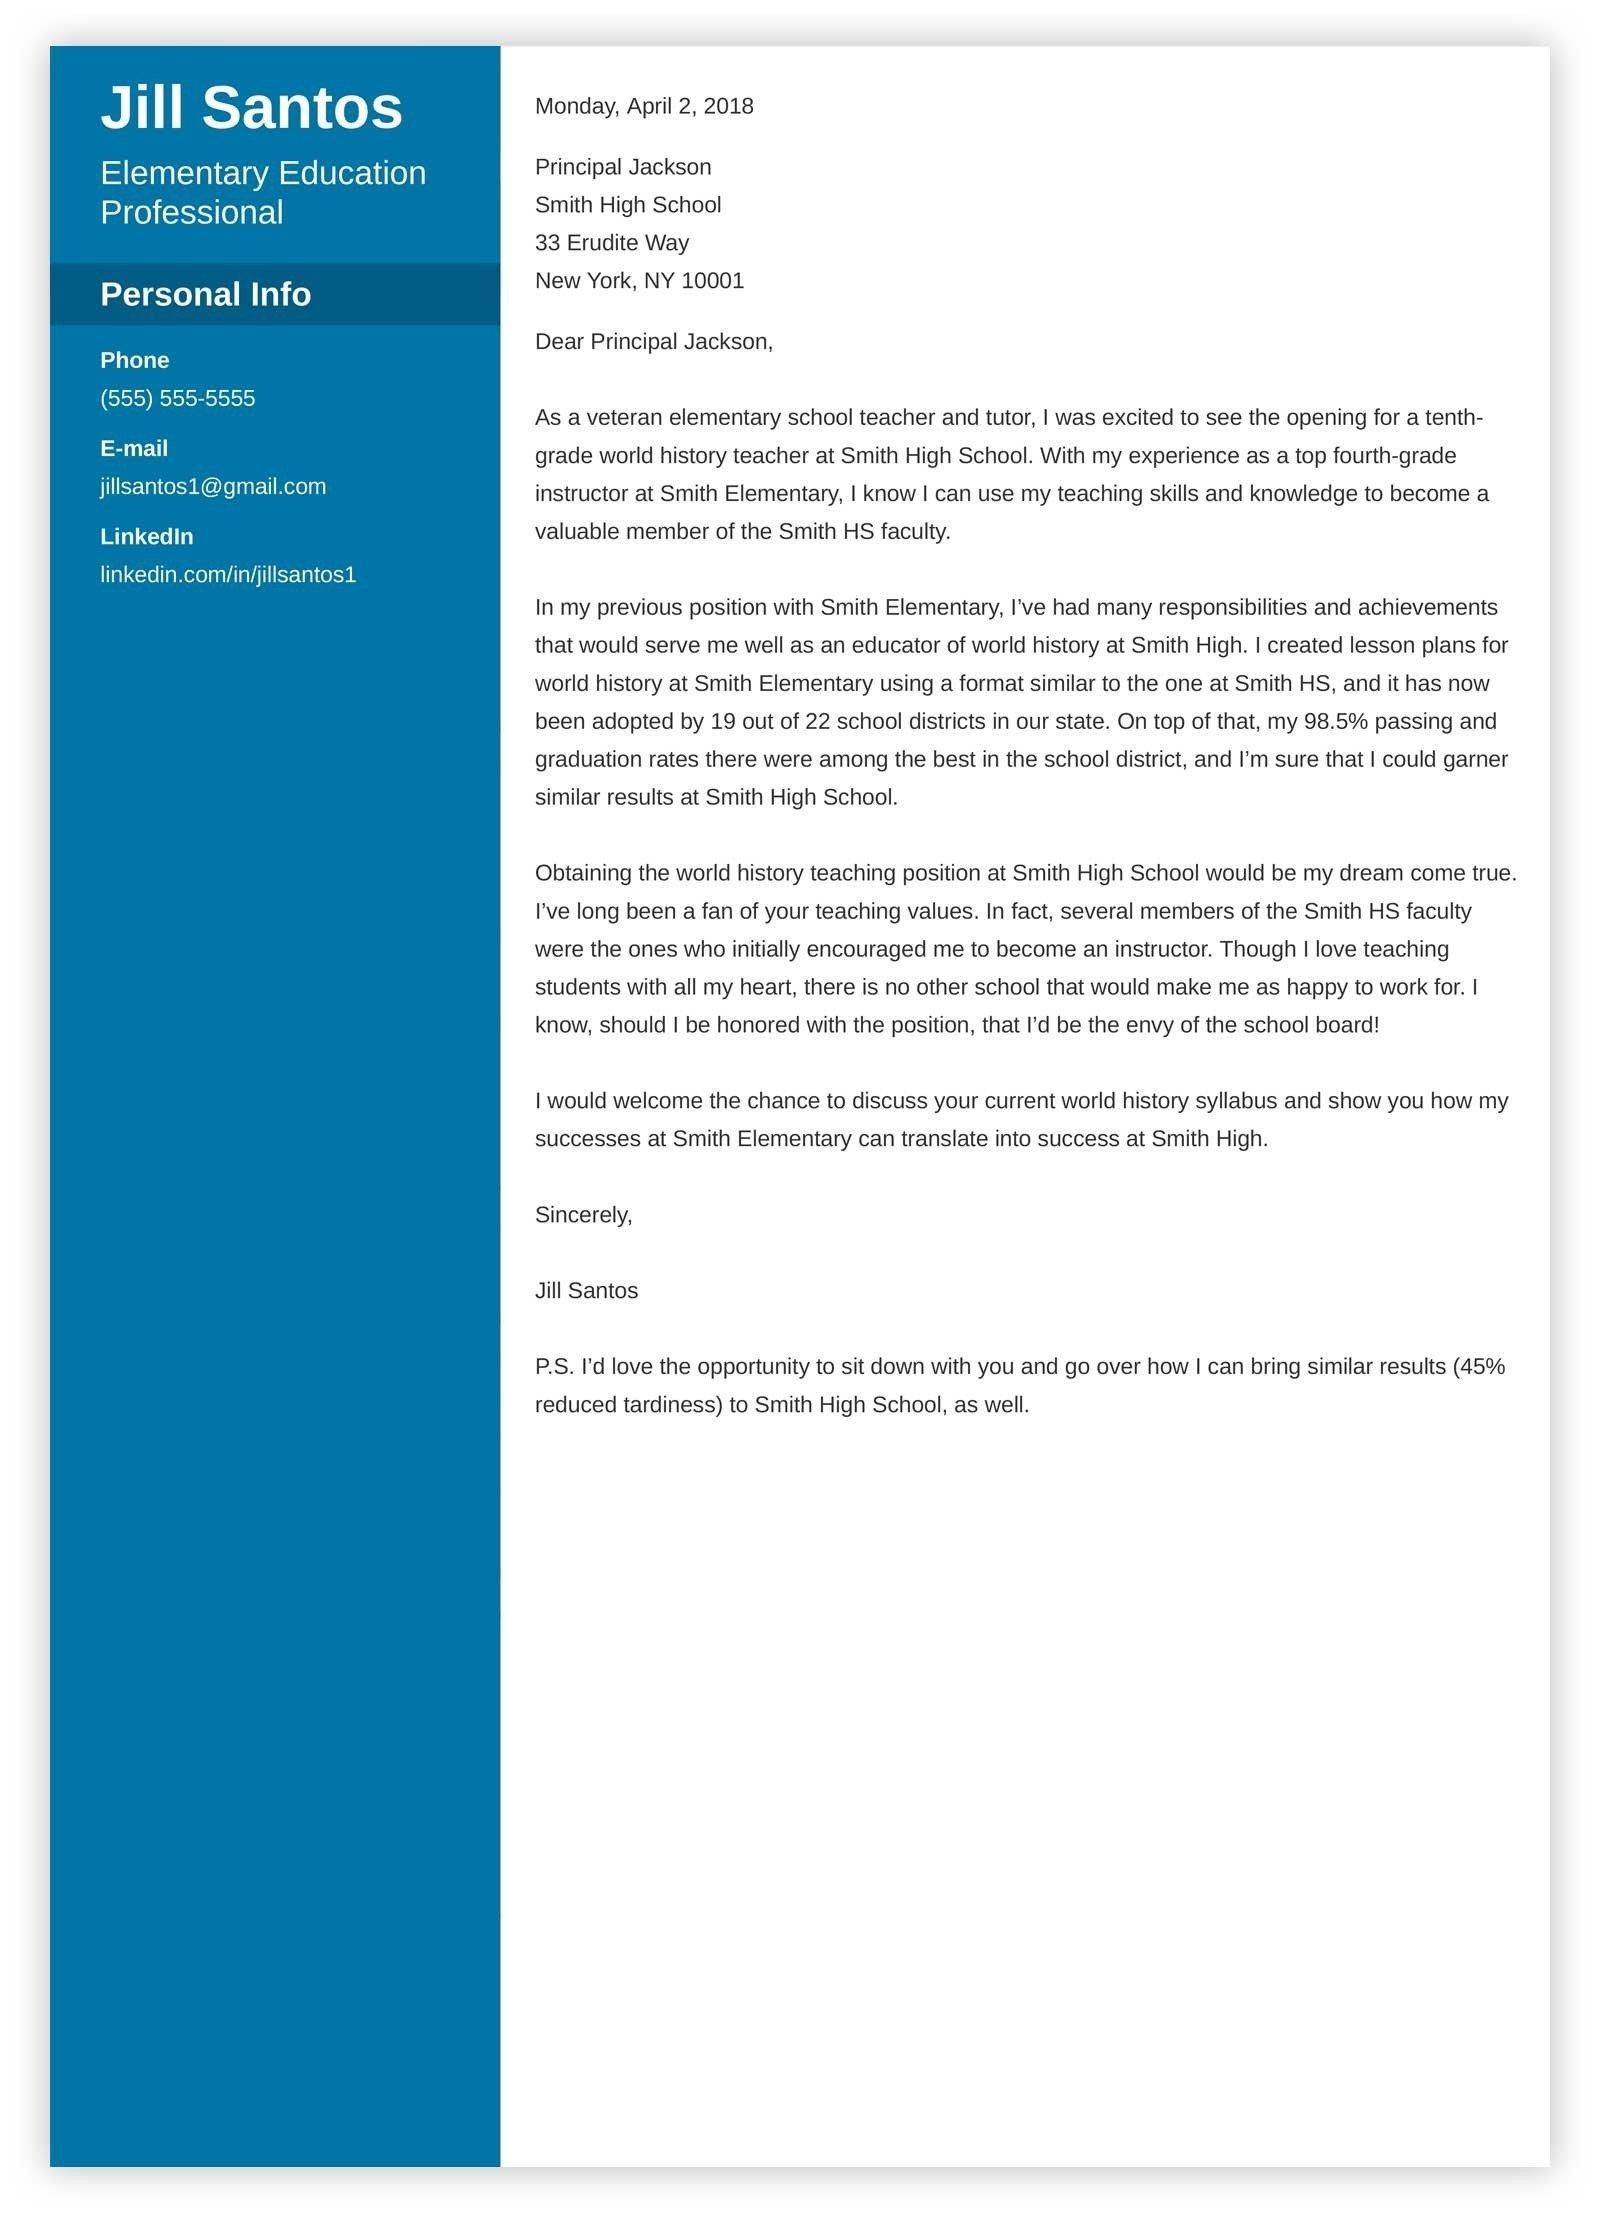 Teaching Cover Letter Template Teacher Cover Letter Sample & Plete Writing Guide [20